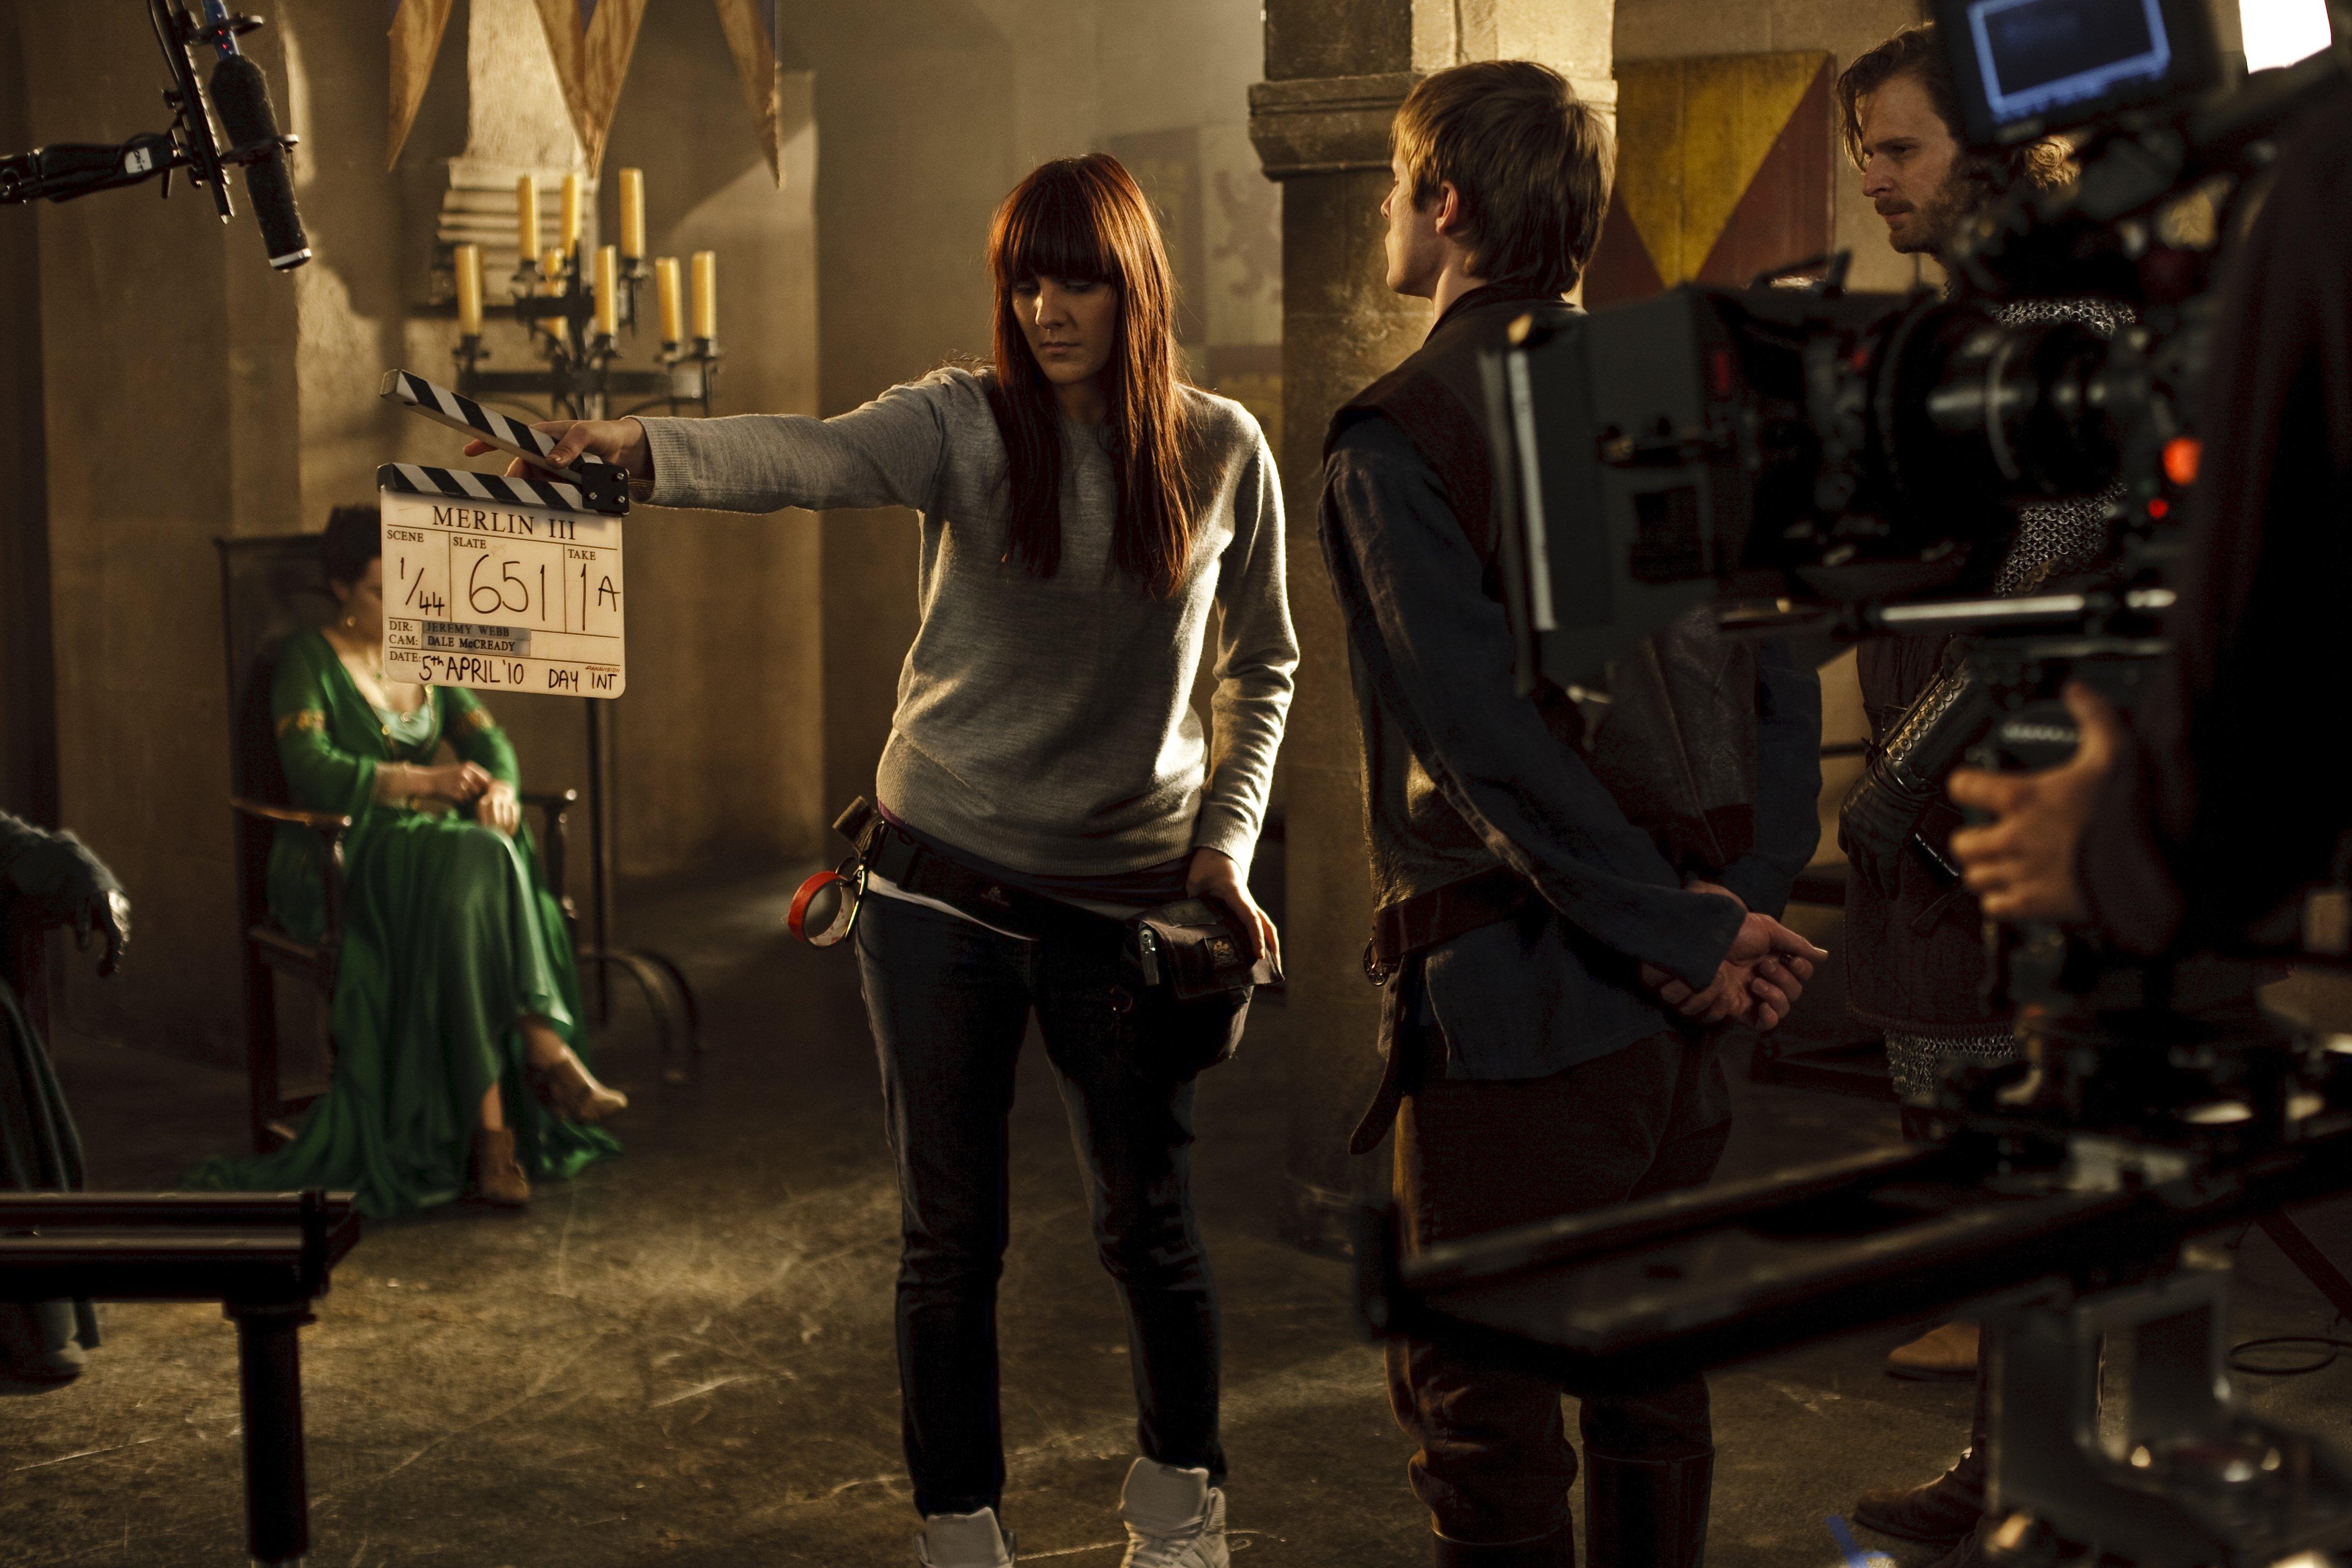 Merlin - Behind the Scenes